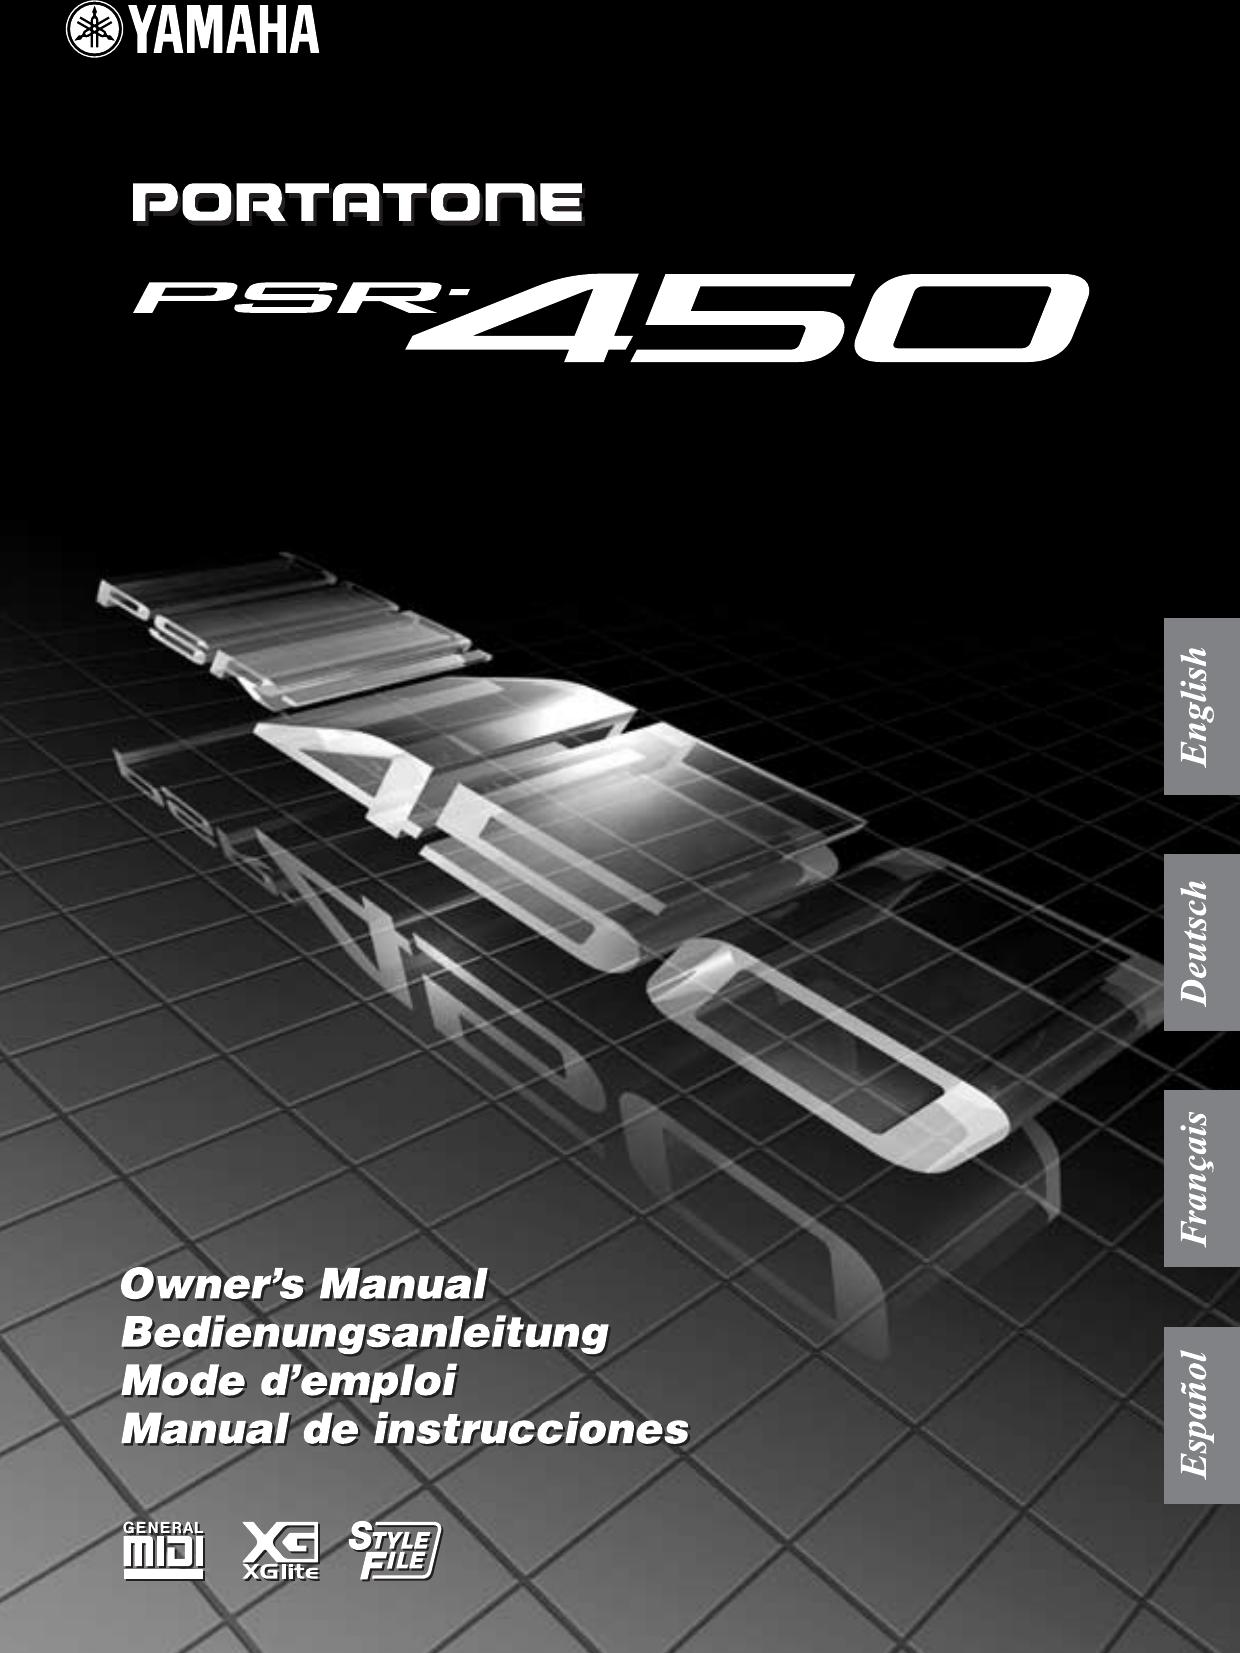 Yamaha Psr450_e PSR 450 Owner's Manual PSR450G